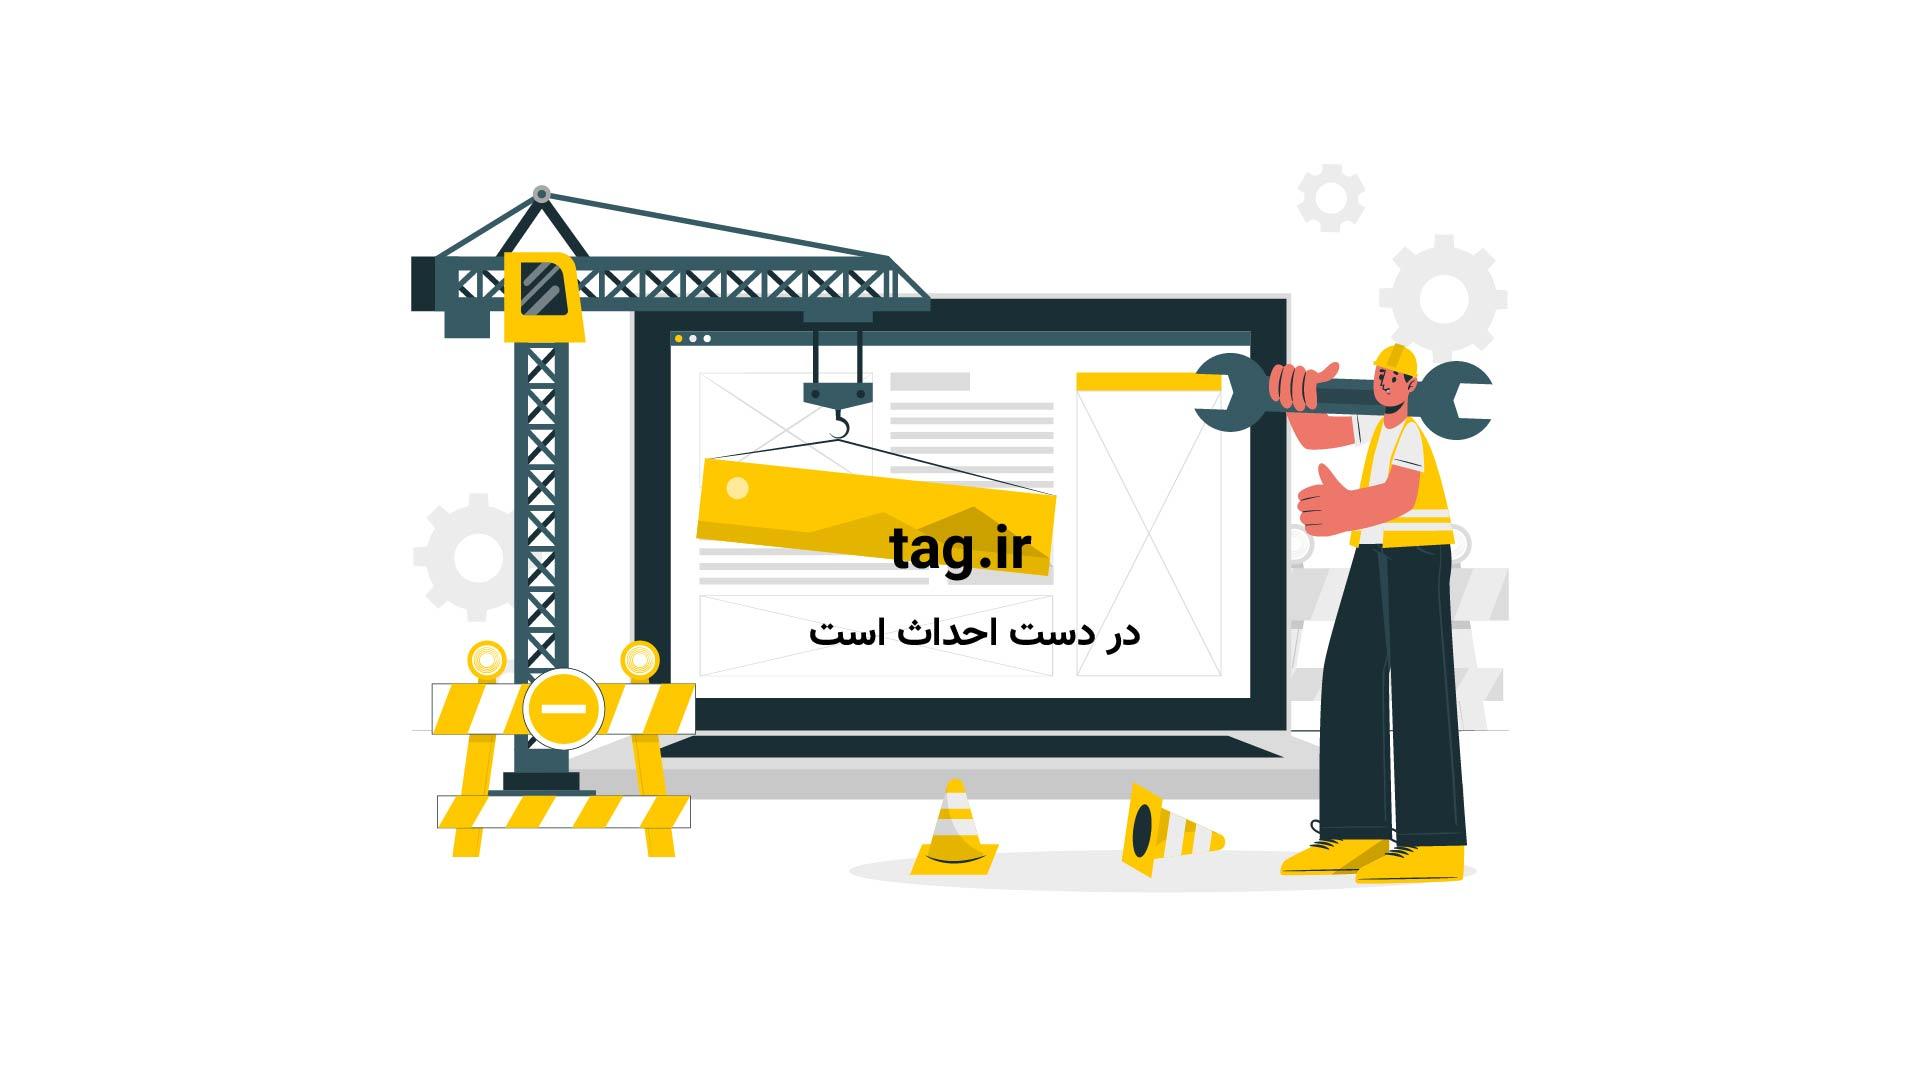 آتش-سوزی-وزارت-نیرو | تگ